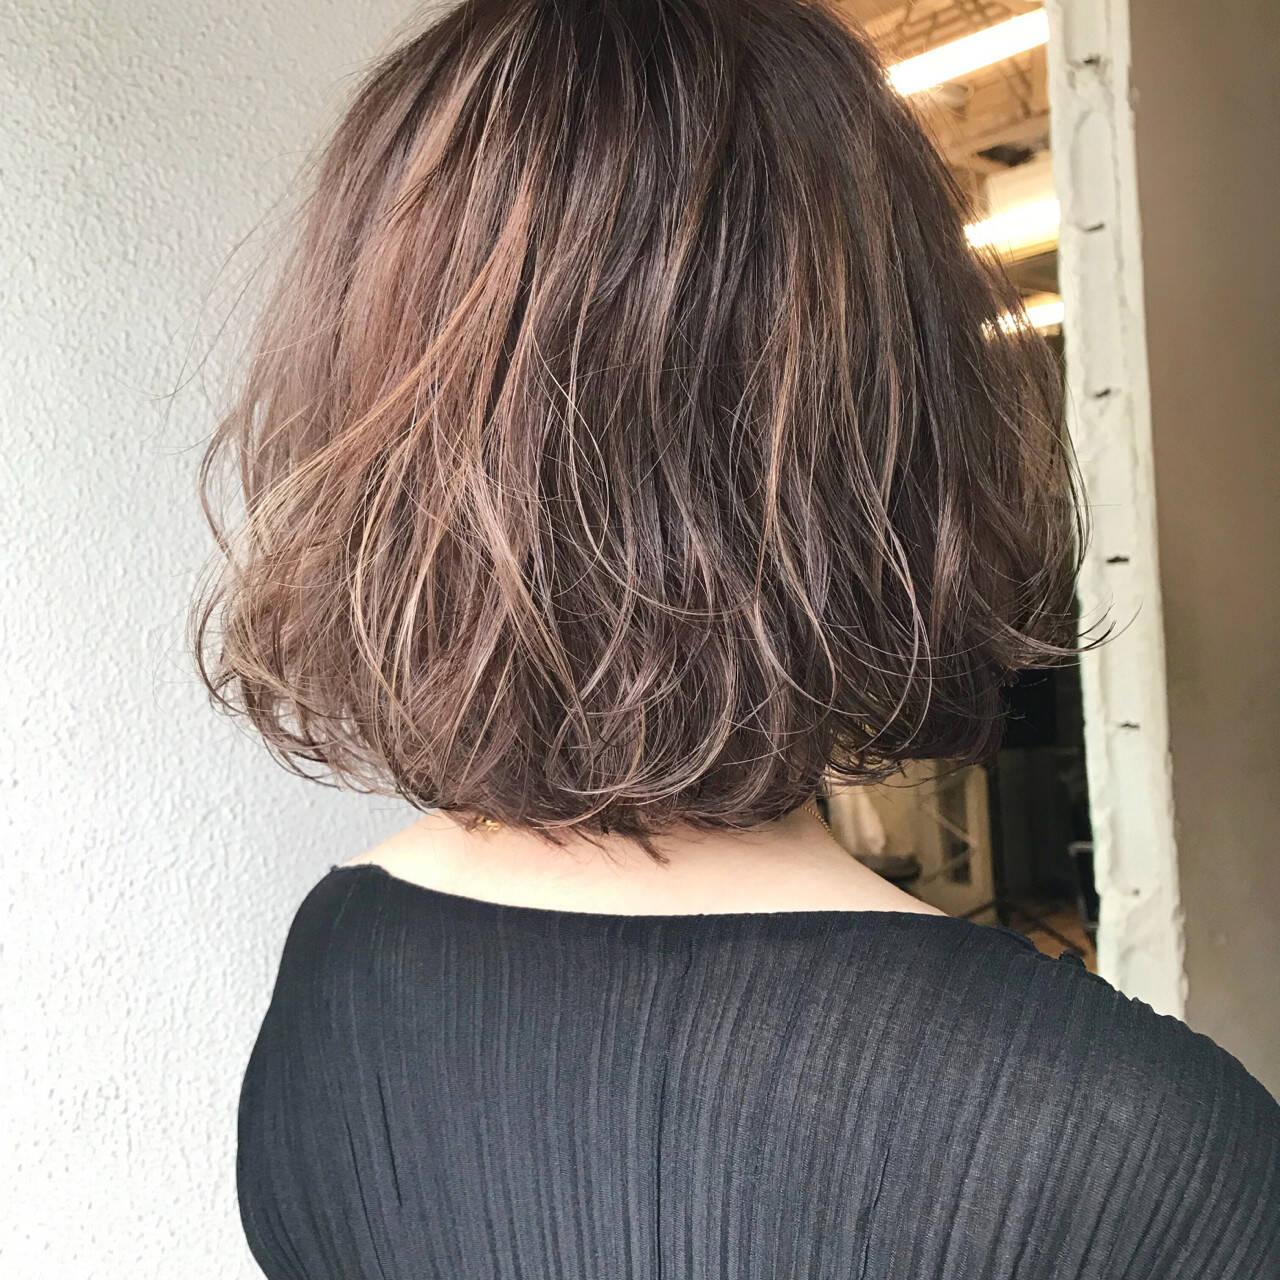 モード ブリーチ ナチュラル イルミナカラーヘアスタイルや髪型の写真・画像